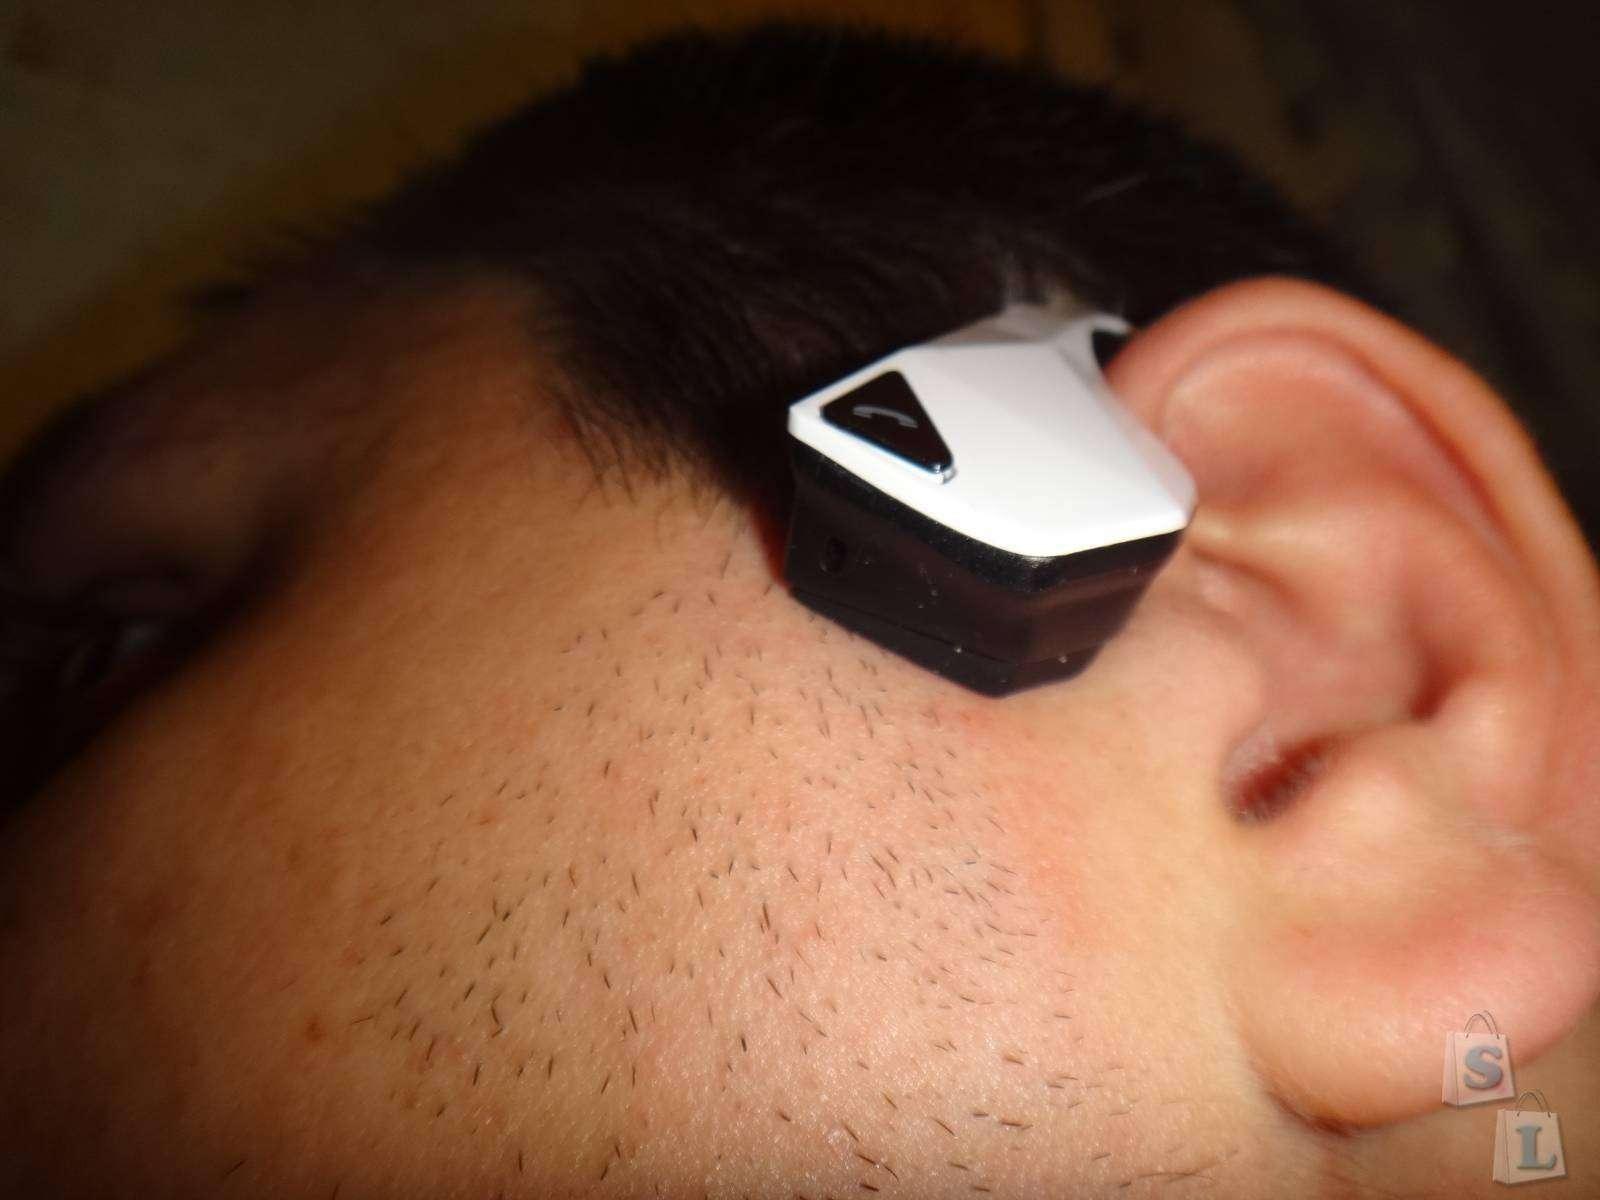 Geekbuying: Обзор гарнитуры DigiCare Do которая основанная на технологии костной проводимости